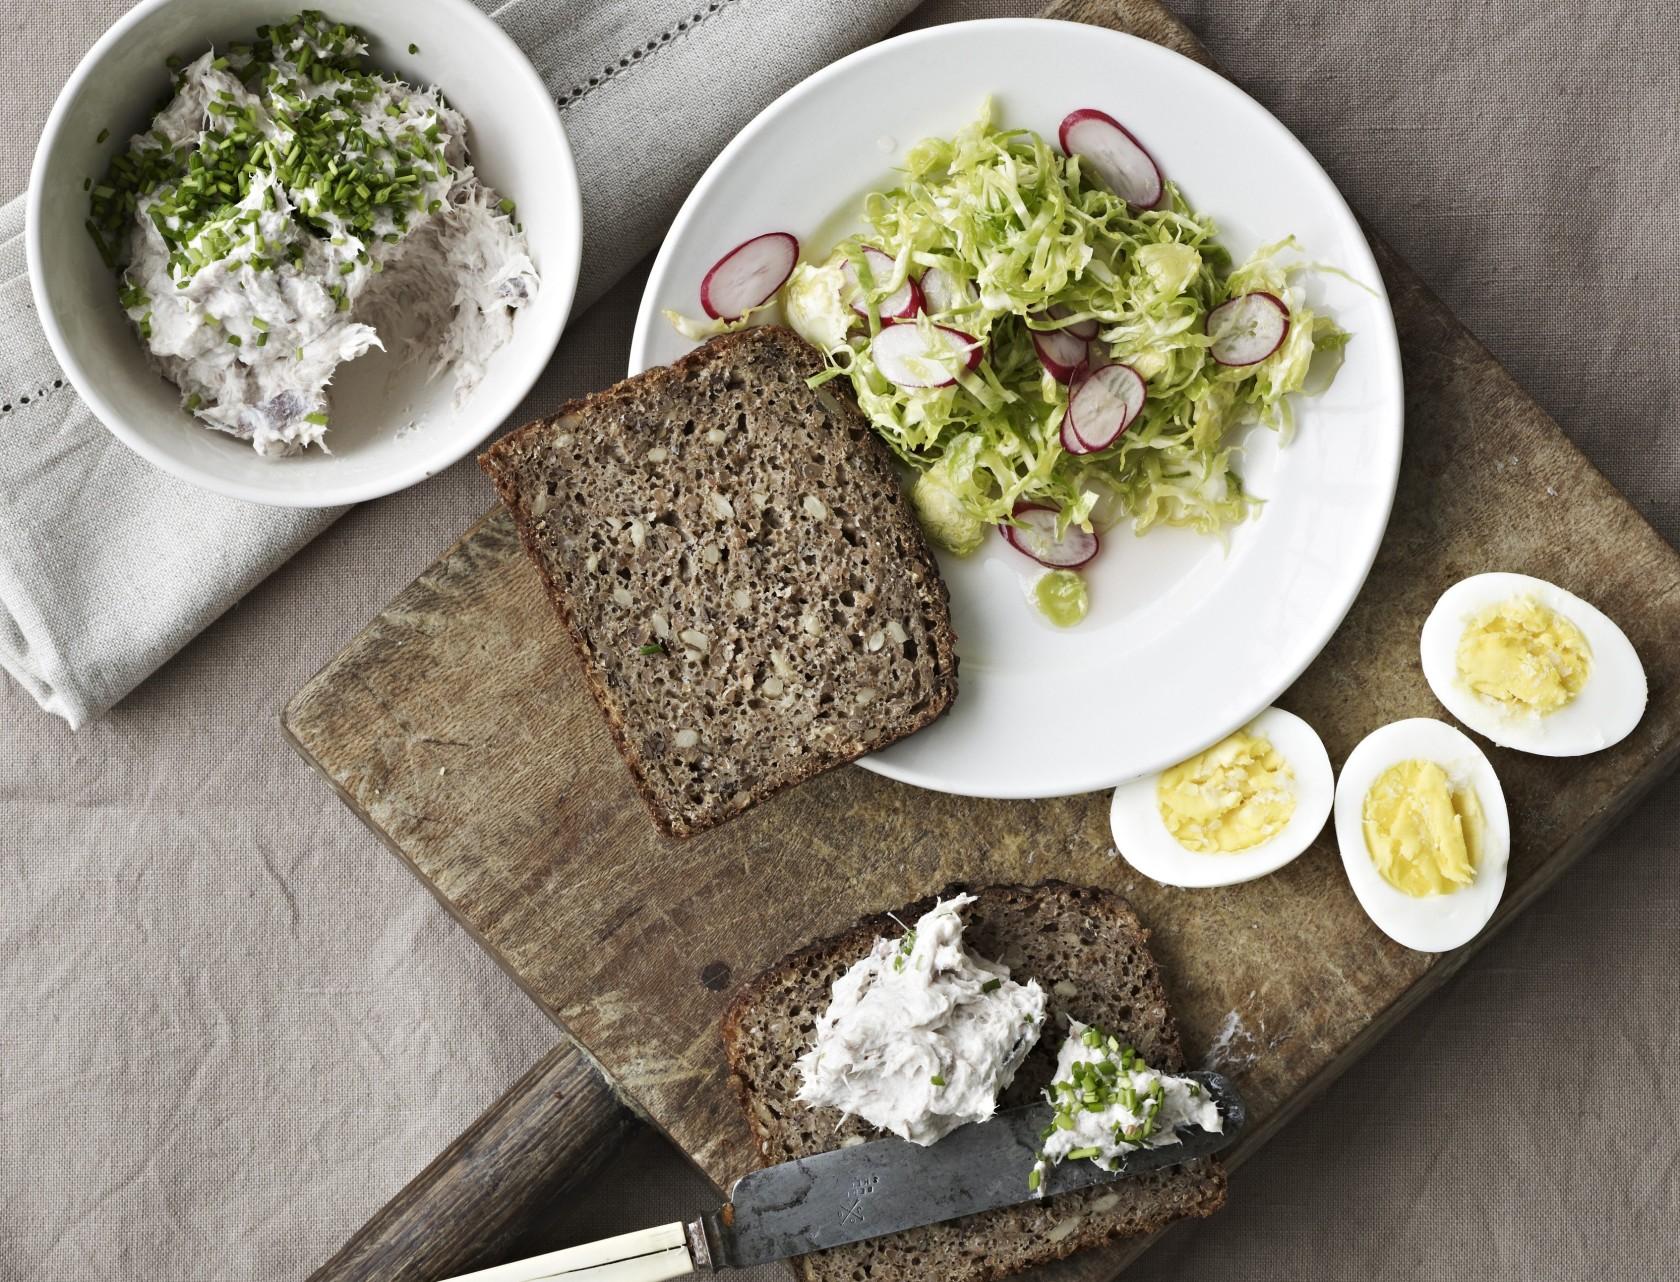 Nem opskrift på makrelsalat med lækkert tilbehør